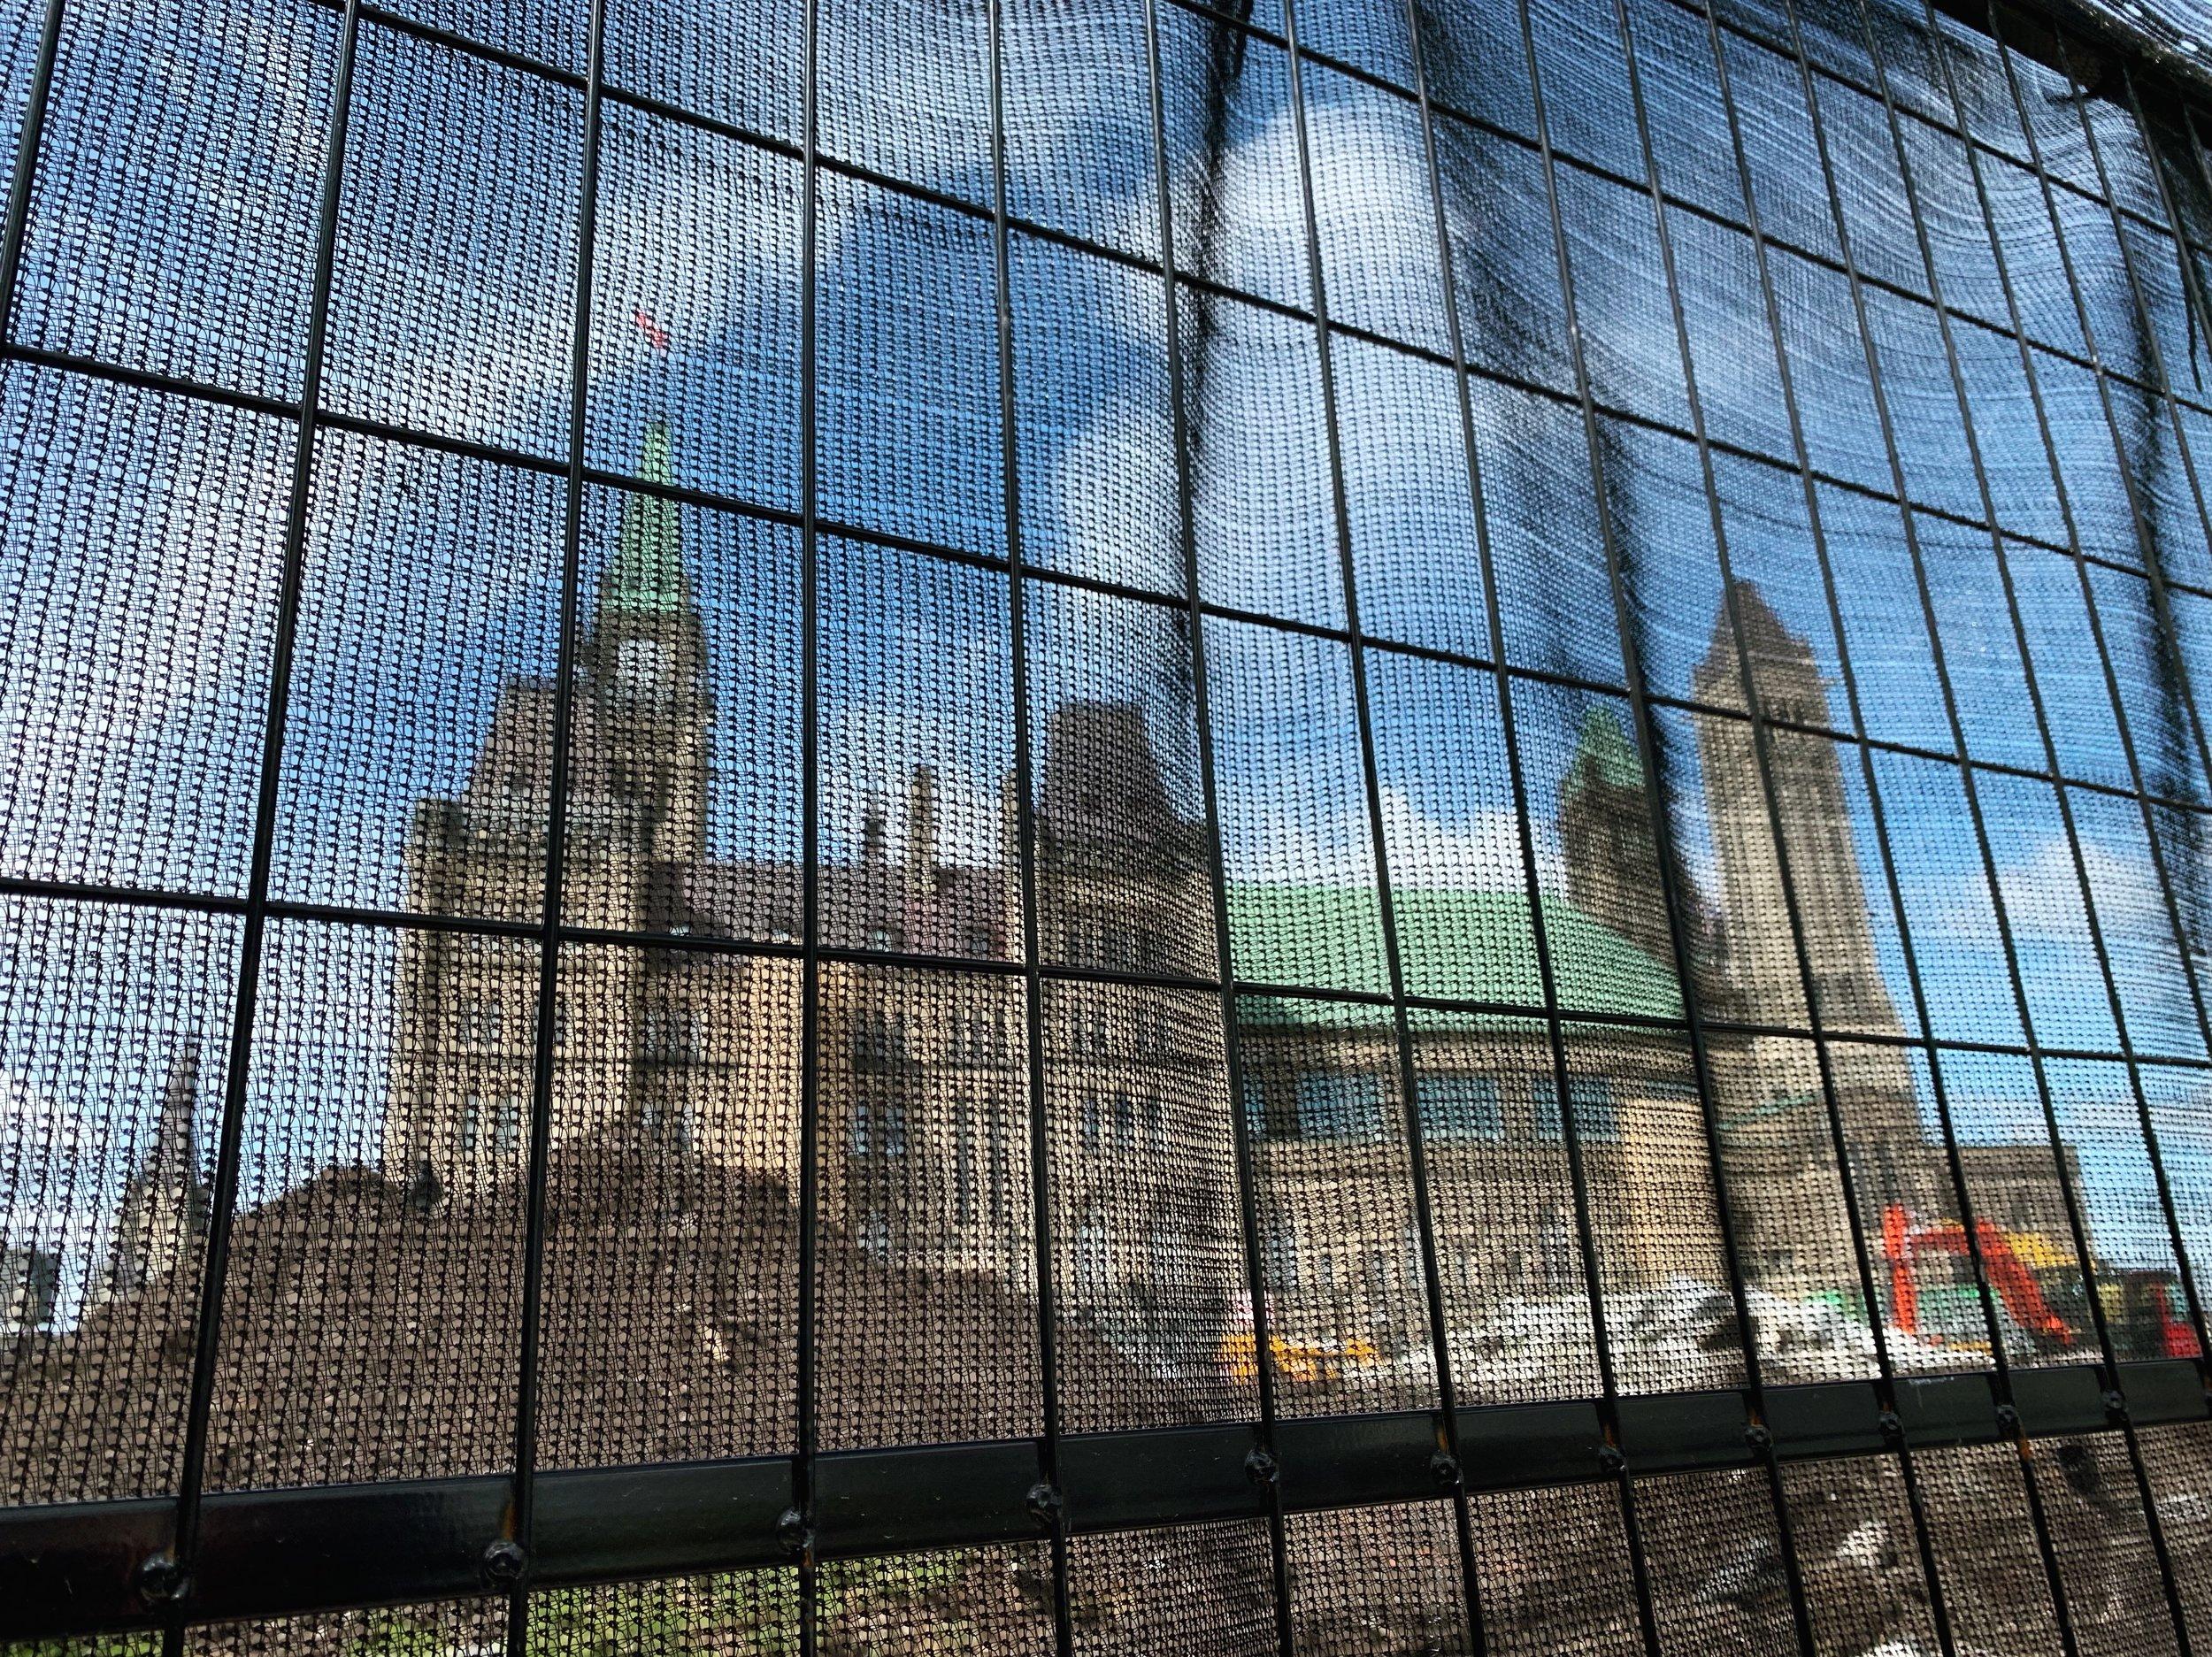 Ottawa02.jpeg